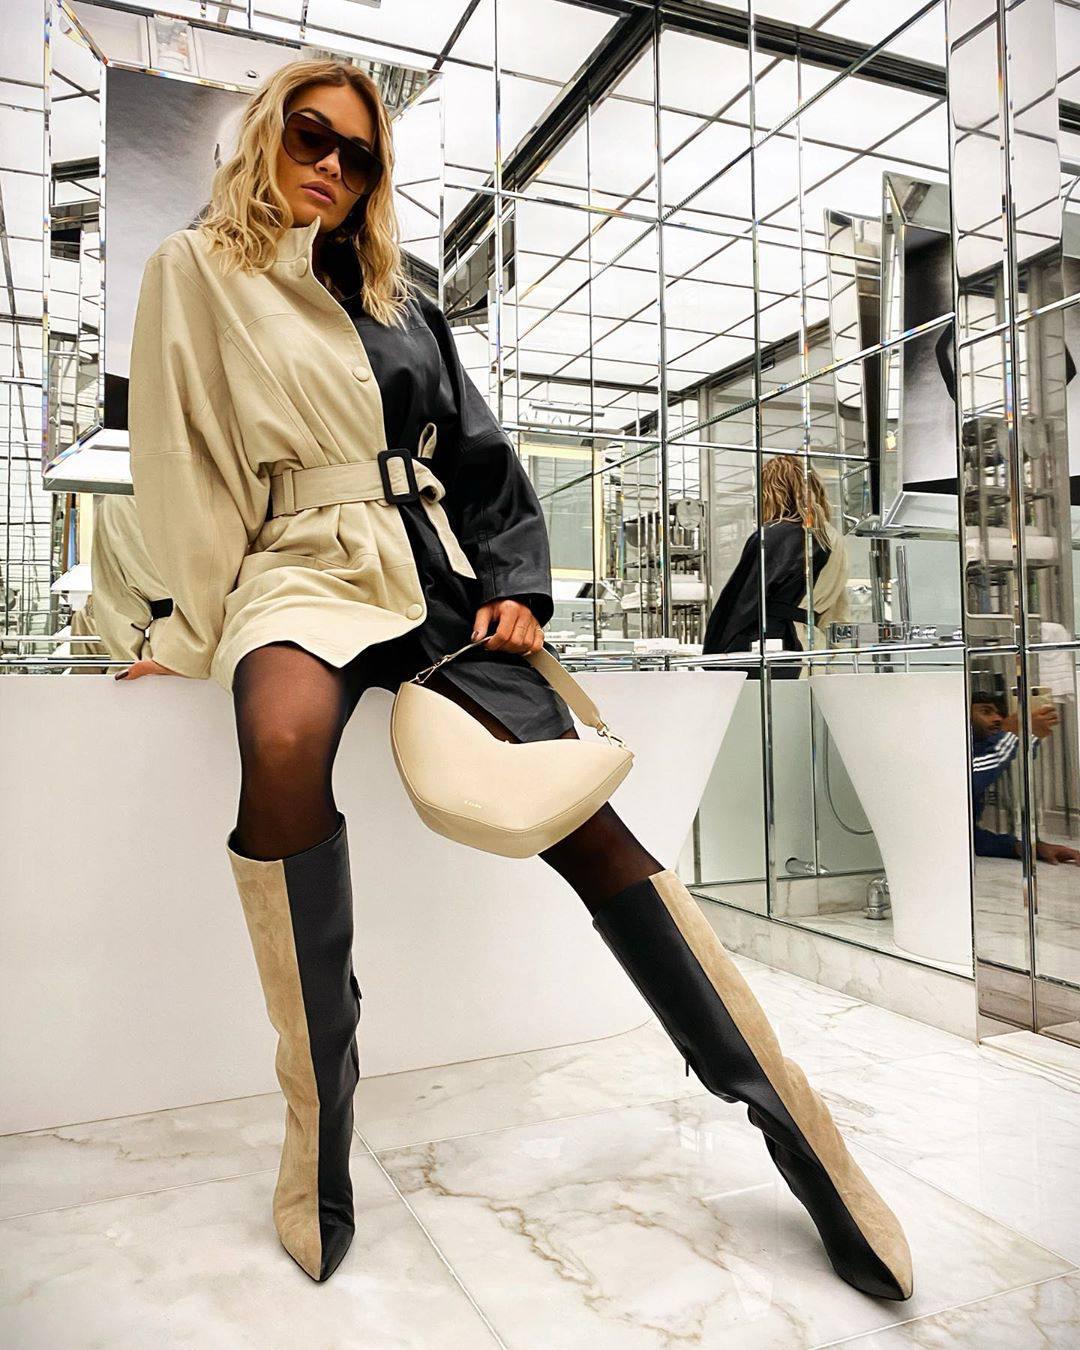 Rita Ora Hot Legs